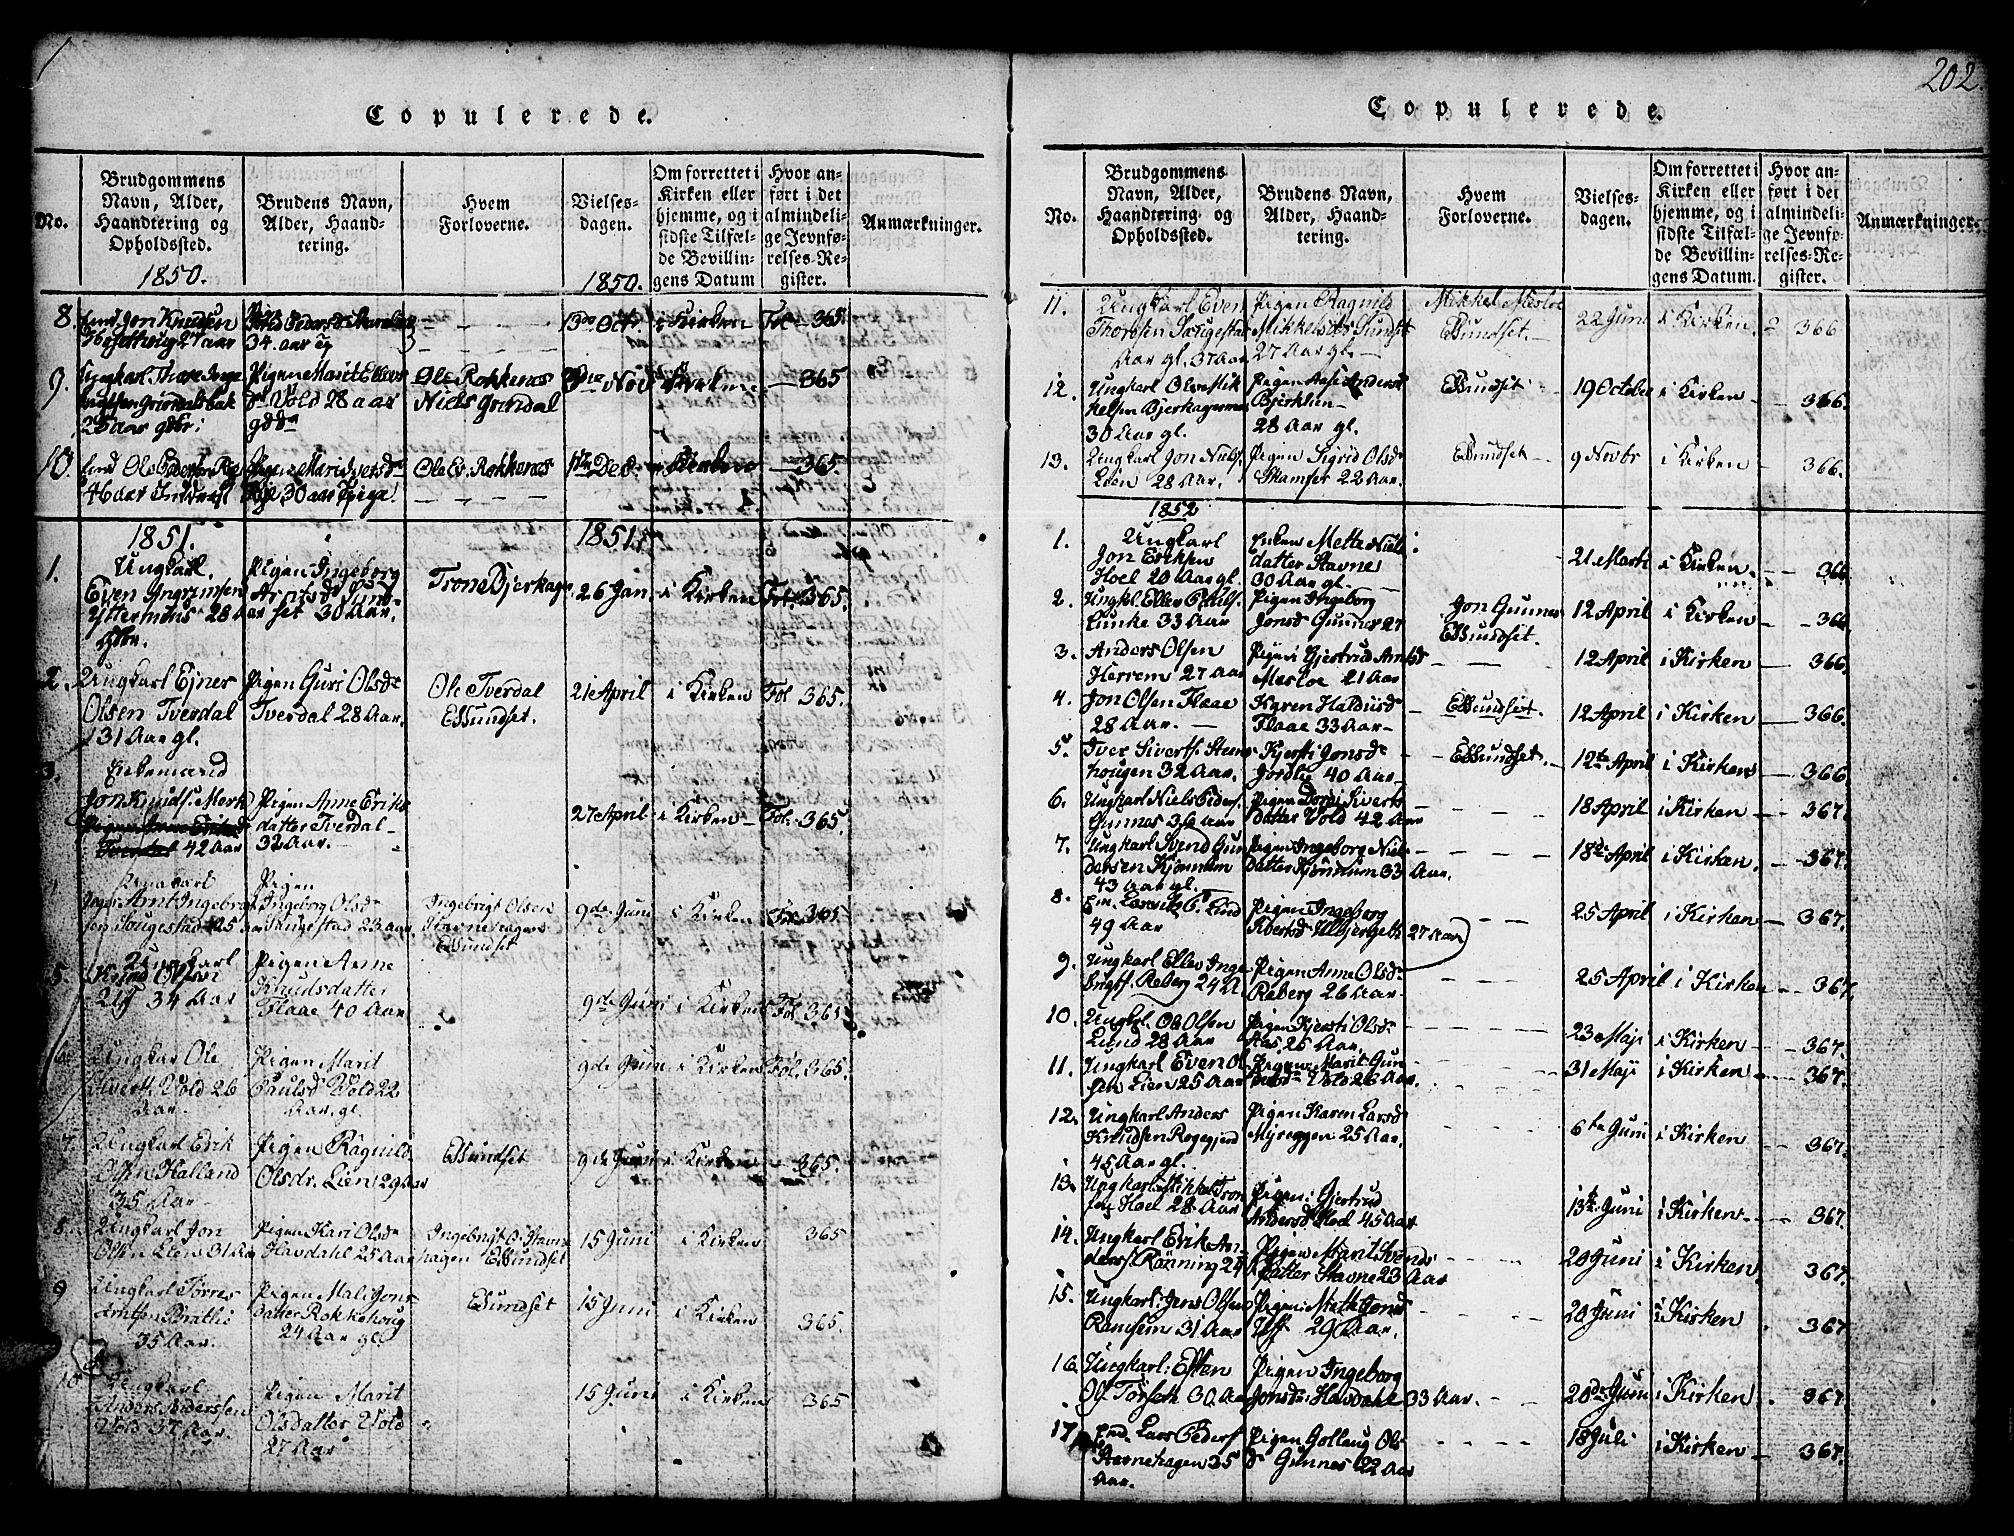 SAT, Ministerialprotokoller, klokkerbøker og fødselsregistre - Sør-Trøndelag, 674/L0874: Klokkerbok nr. 674C01, 1816-1860, s. 202